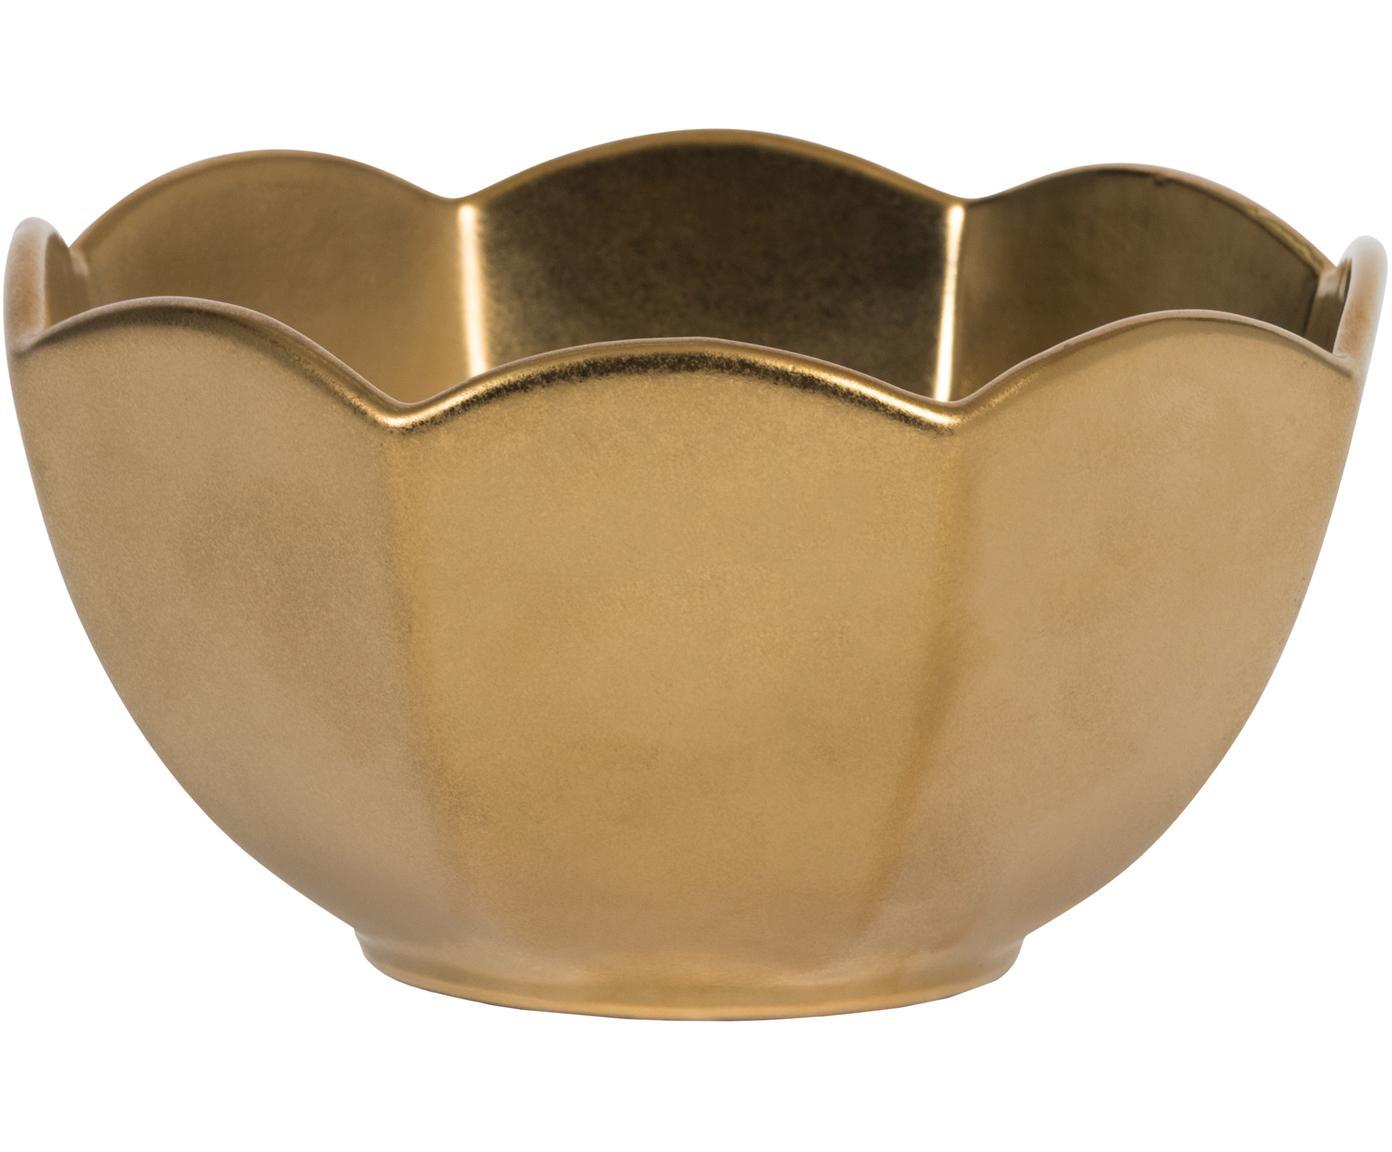 Schälchen Ghabi in mattem Gold, Steingut, Goldfarben, Ø 13 x H 8 cm